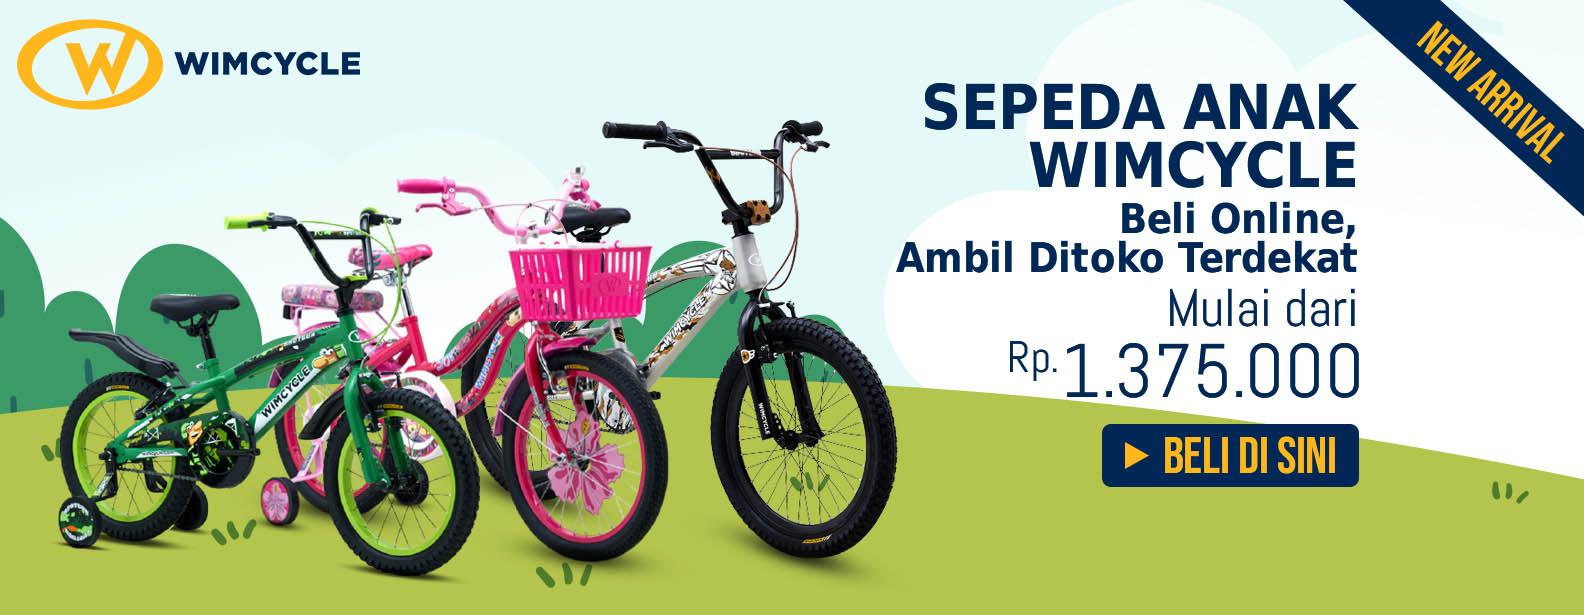 Koleksi Sepeda Wimcycle